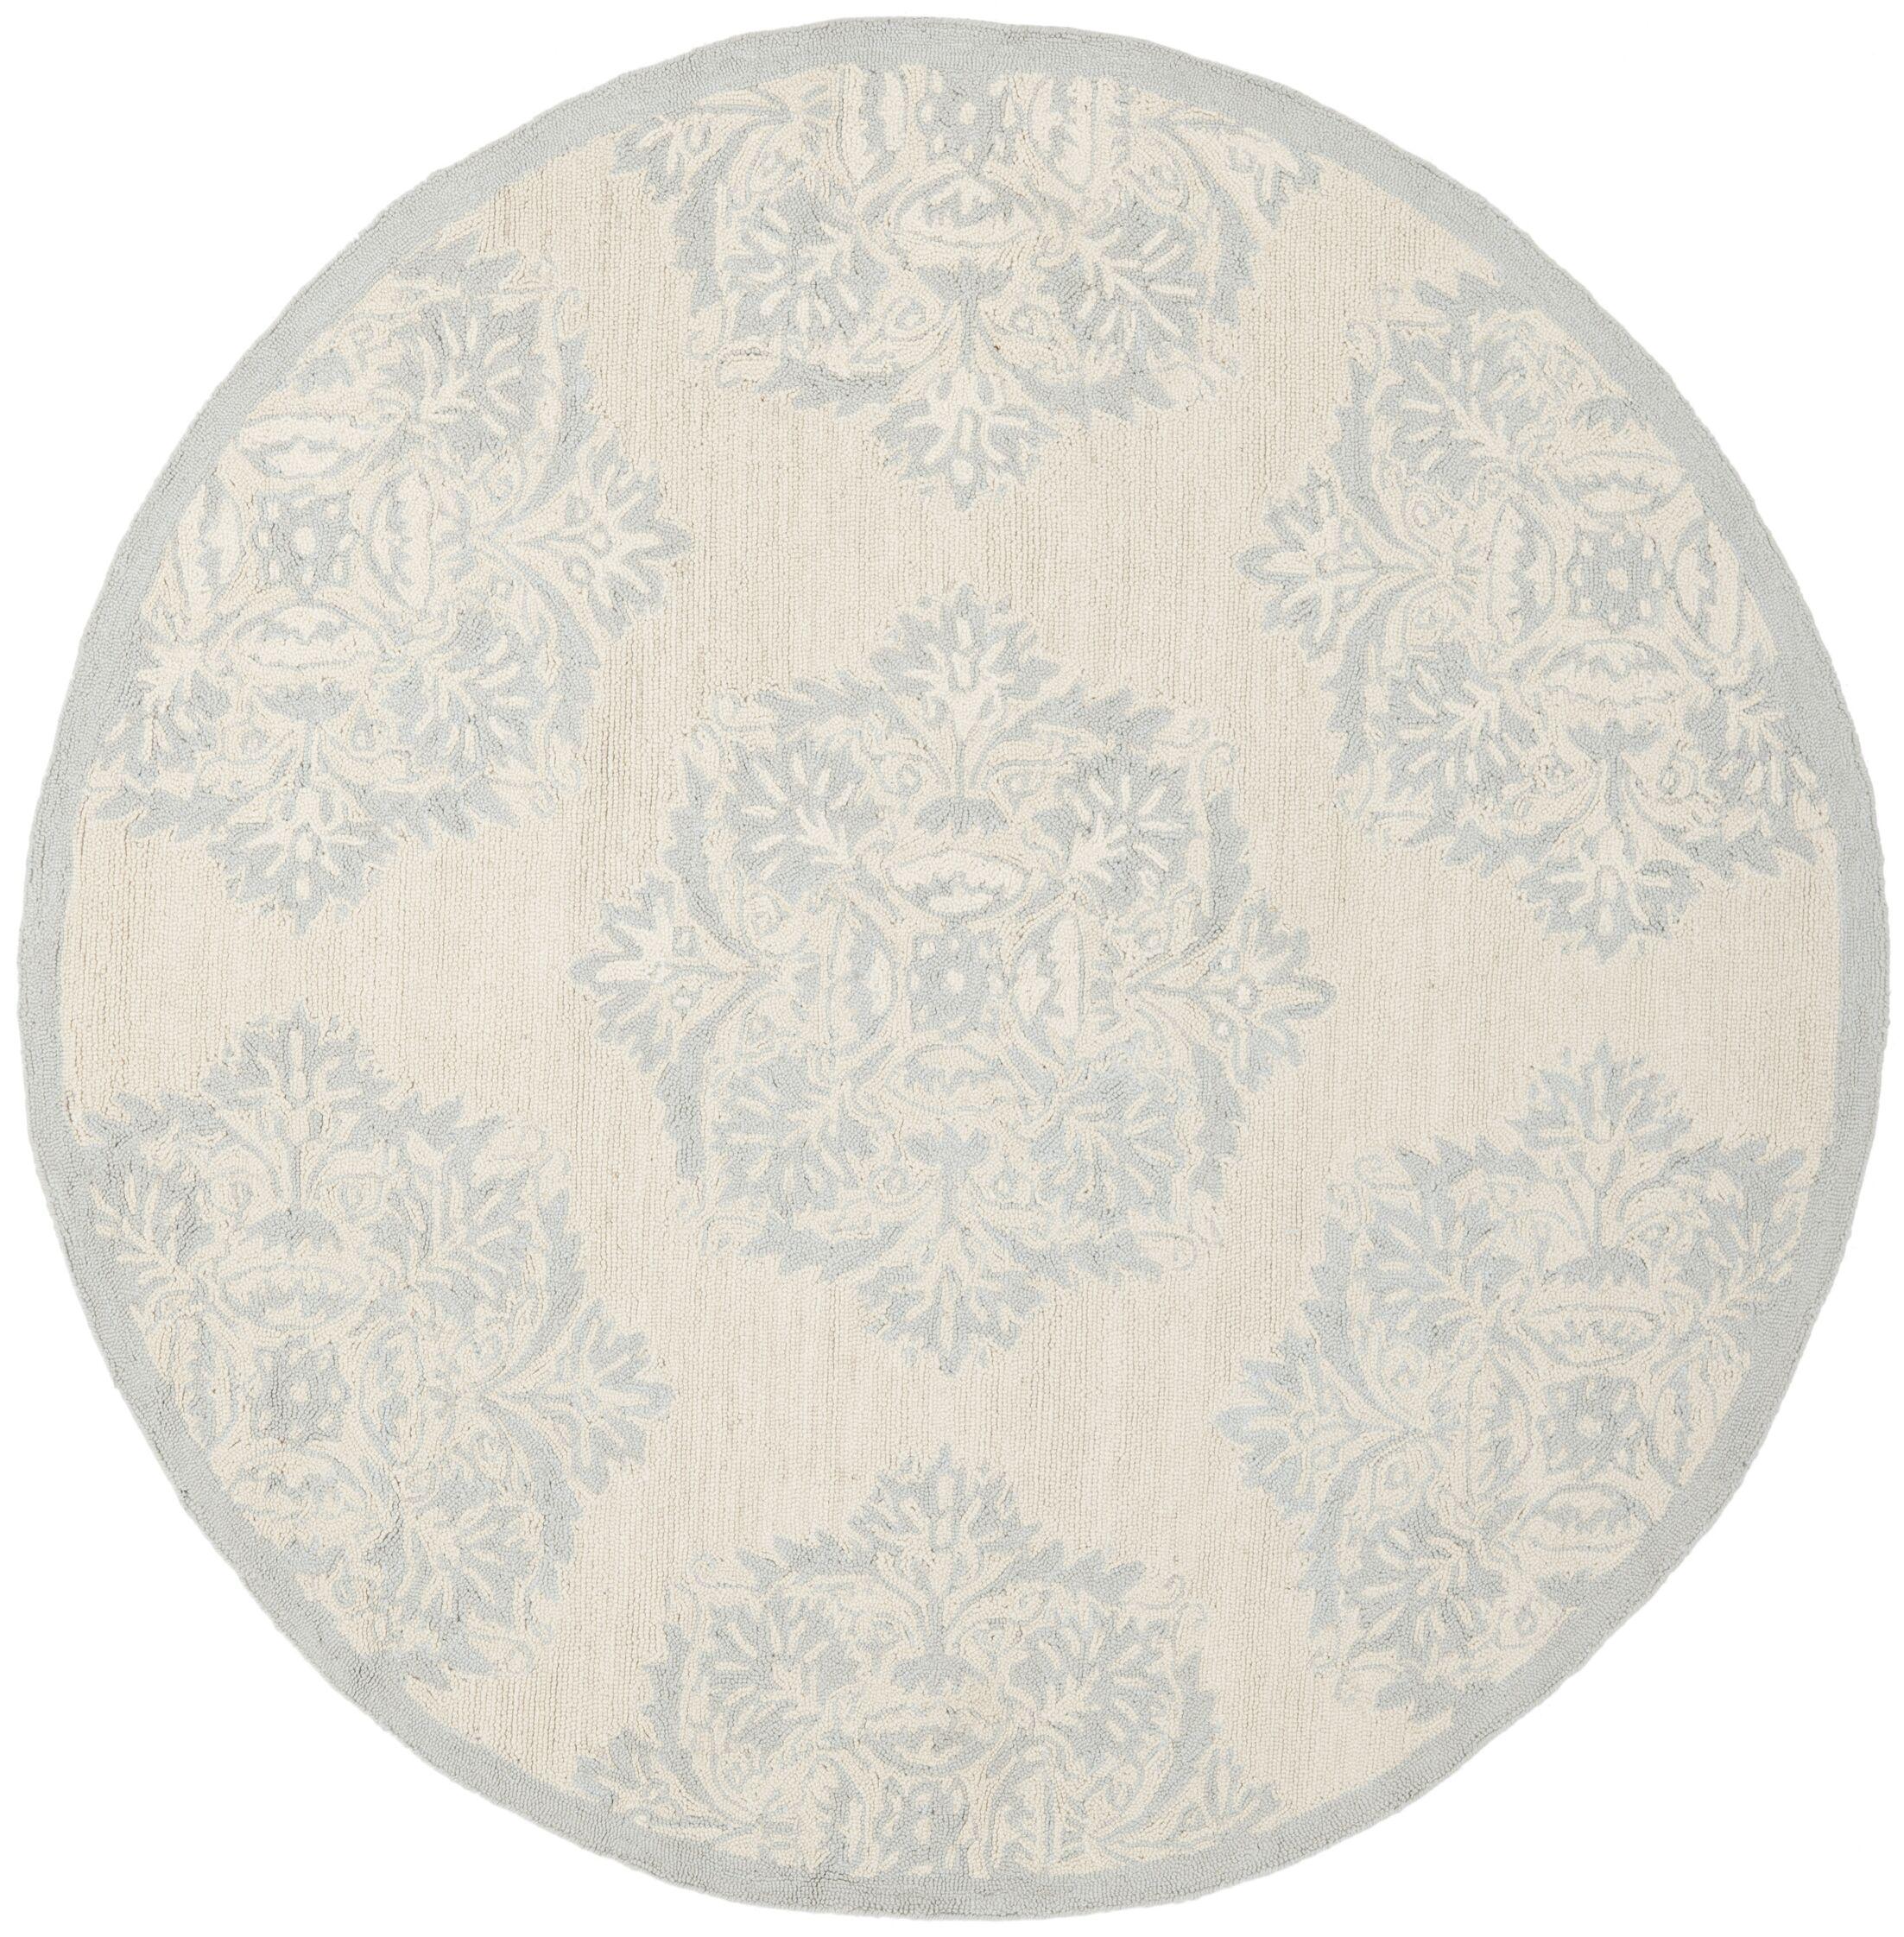 Helena Blue&Ivory Area Rug Rug Size: Round 5'6